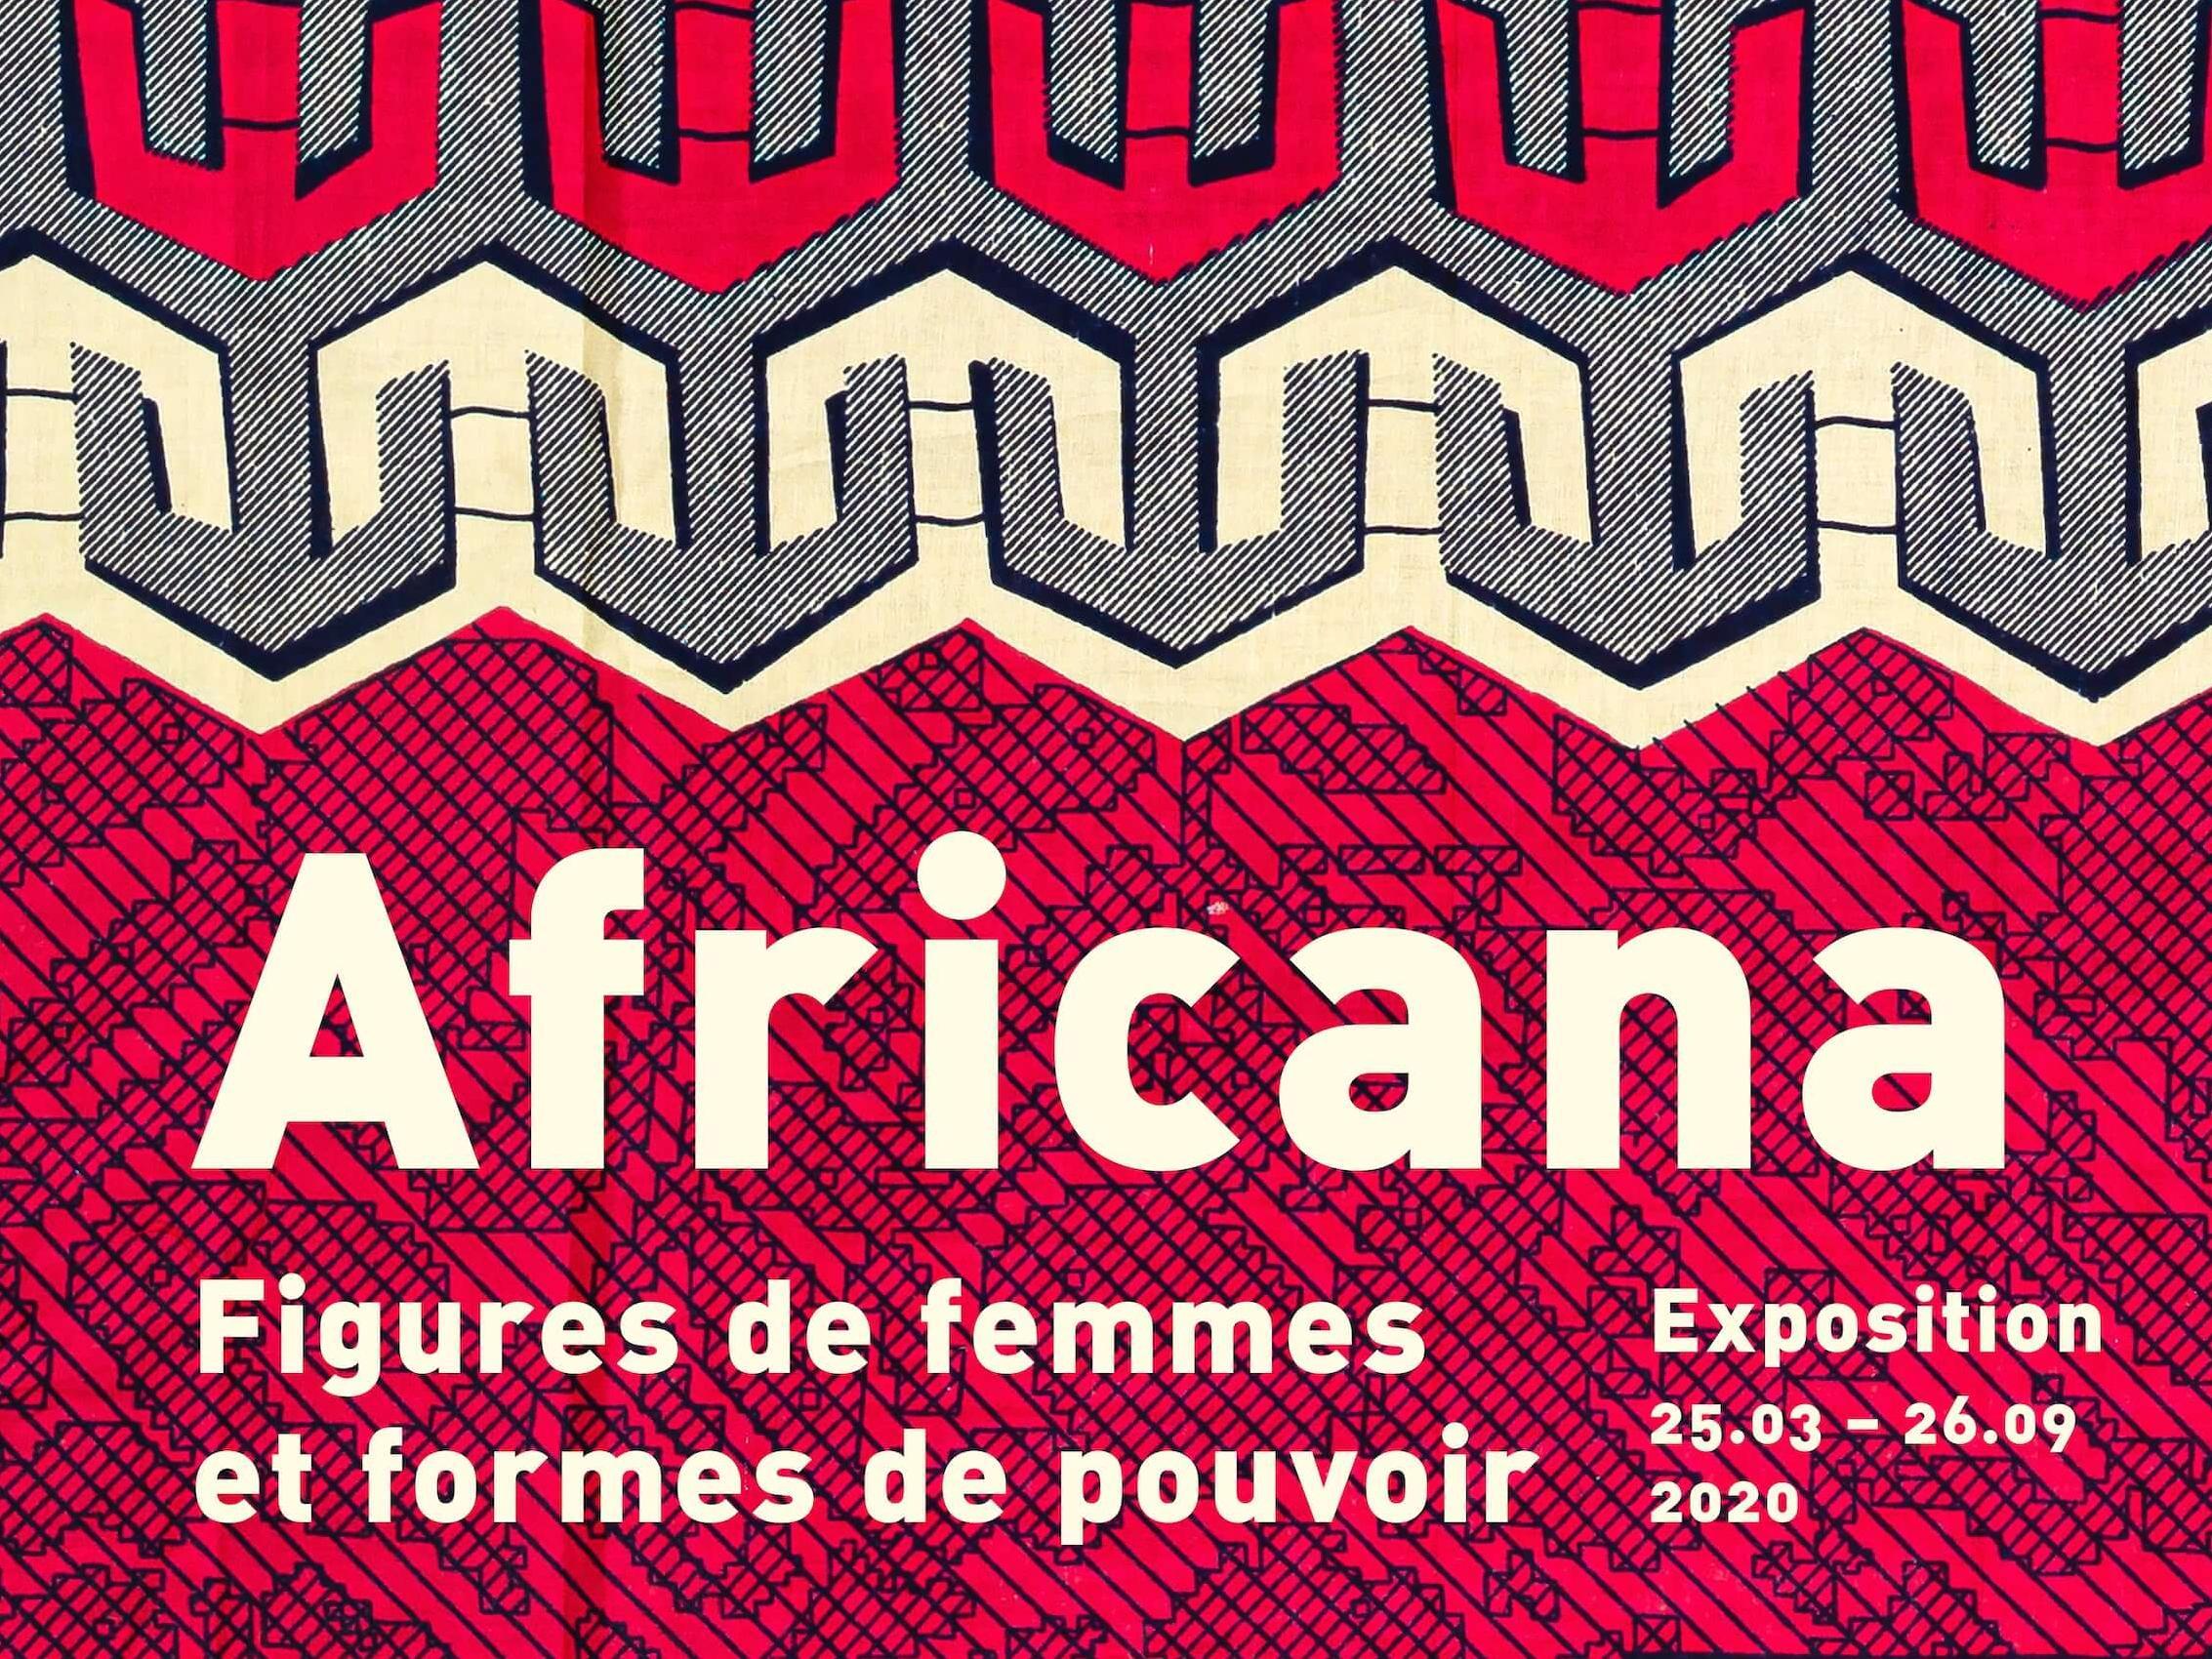 Africana. Figures de femmes et formes de pouvoir (Lausanne)